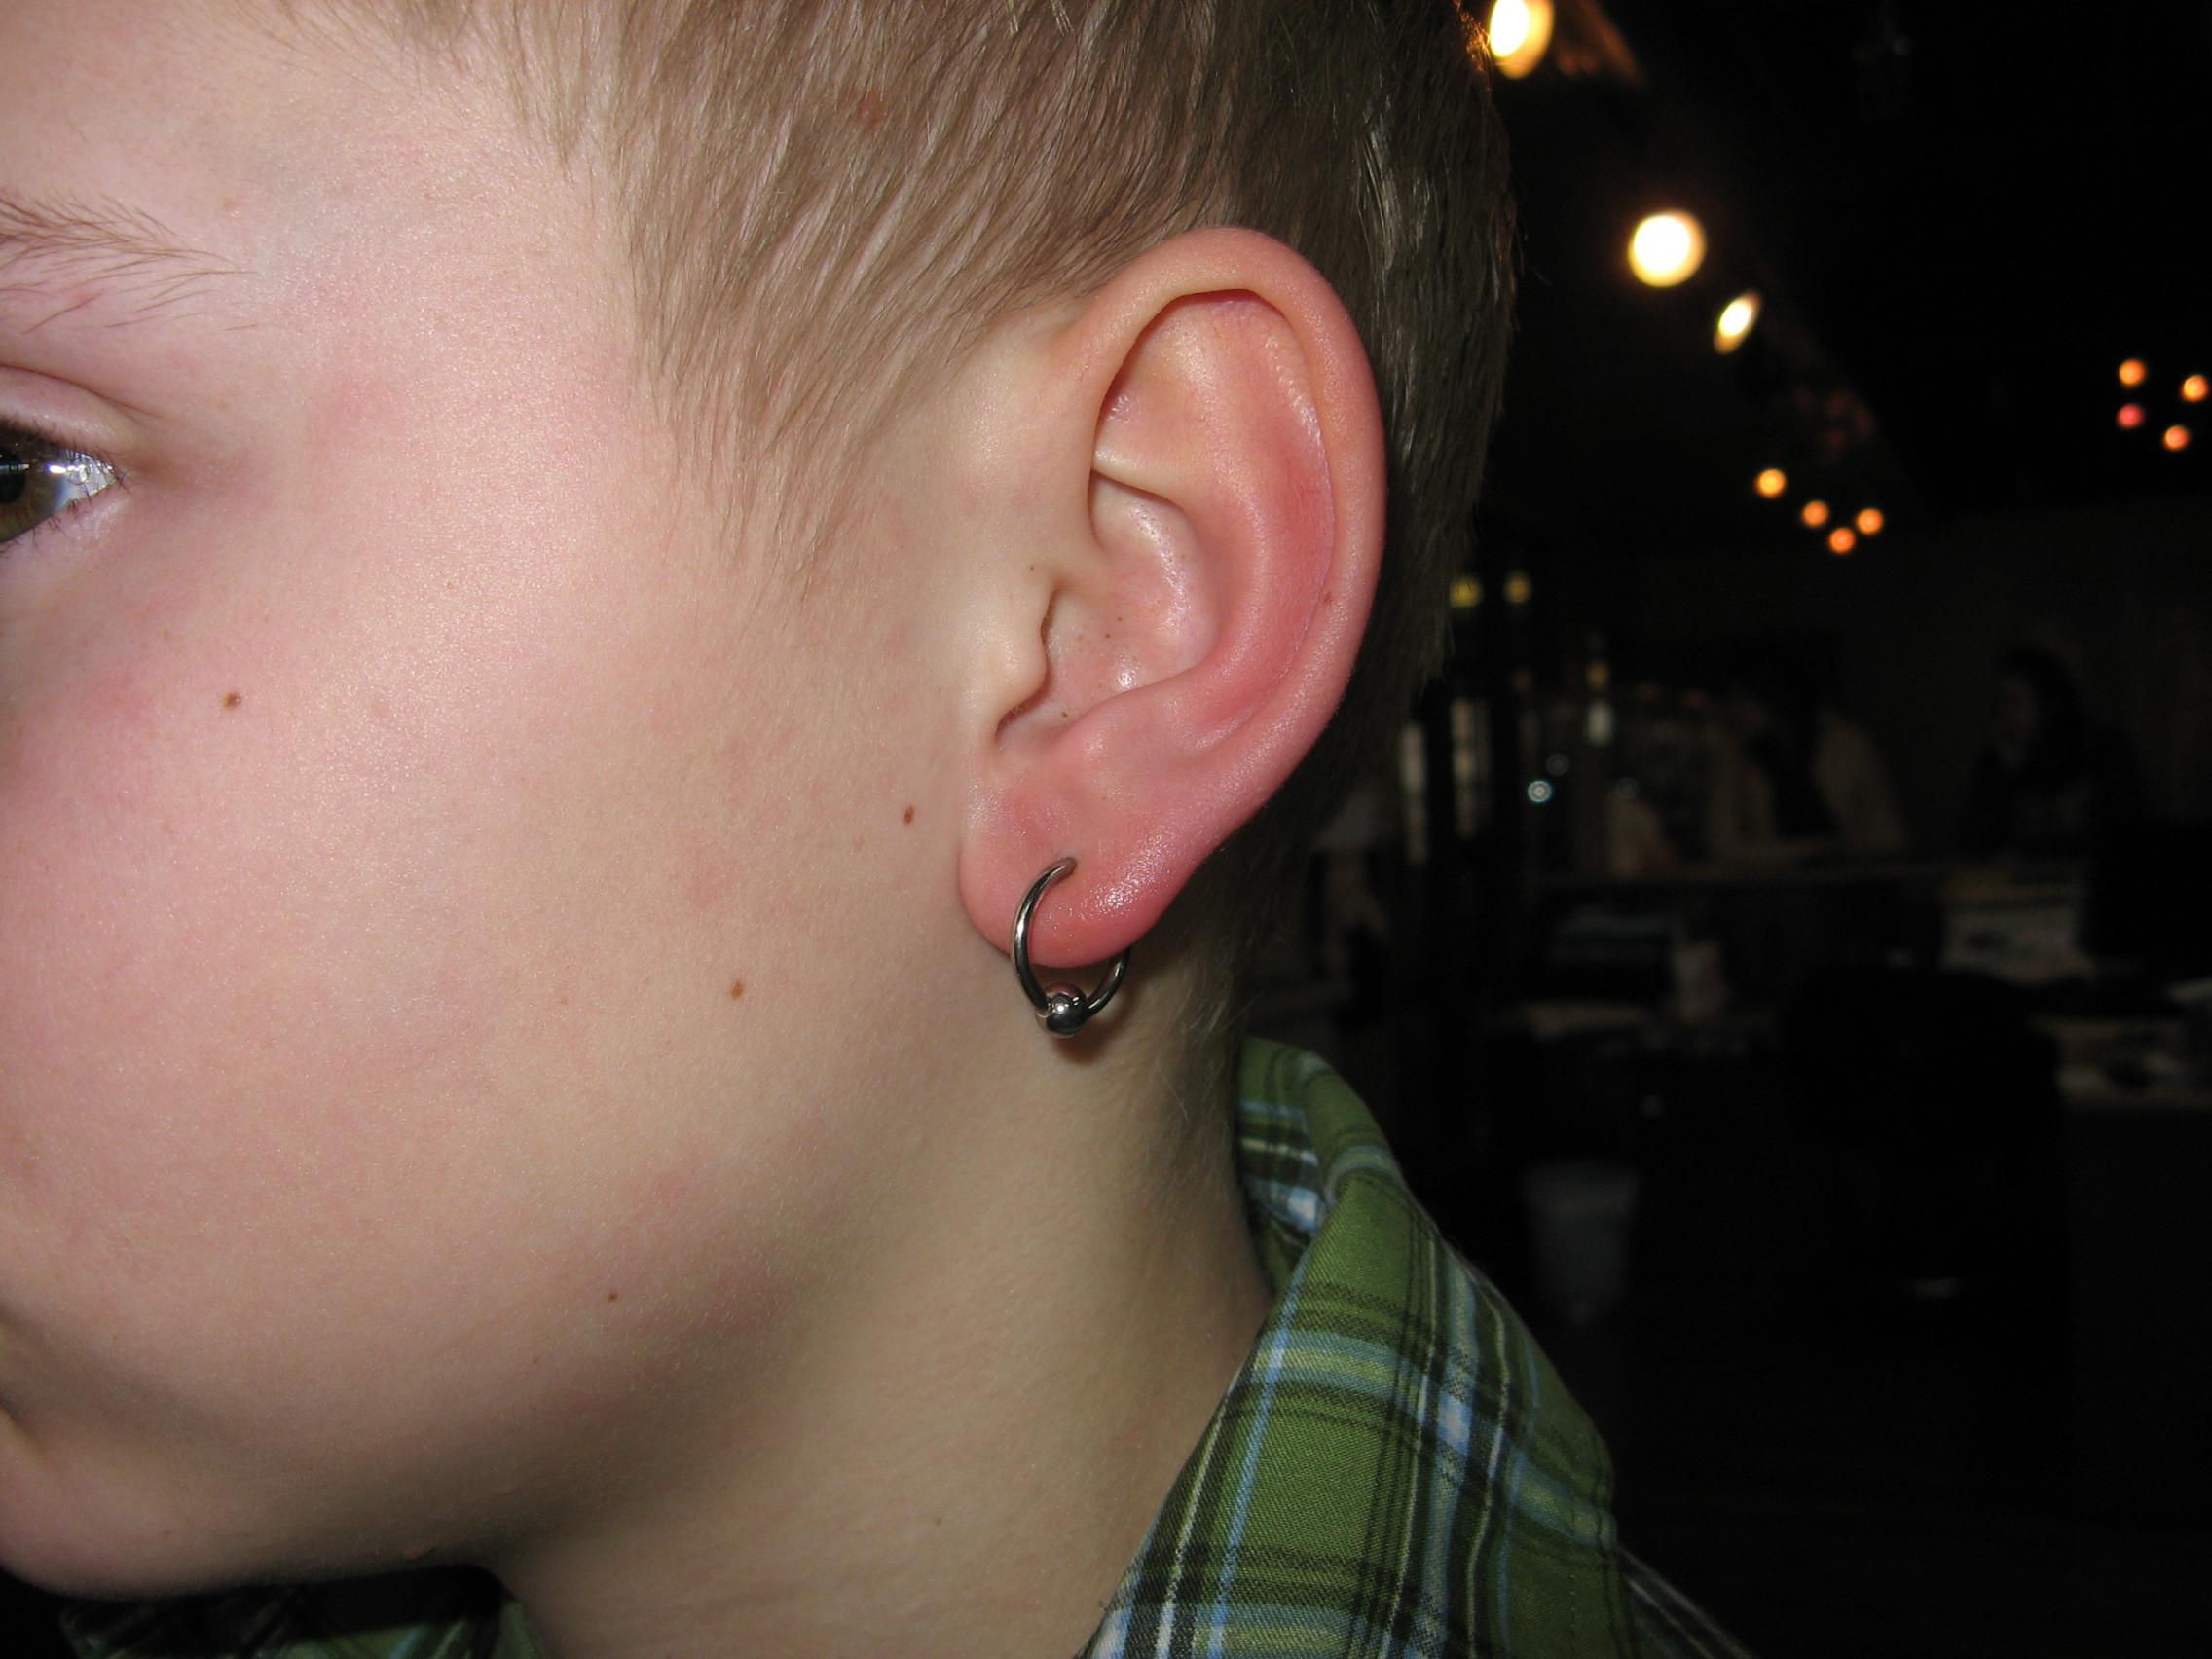 Ear Lobe(s)